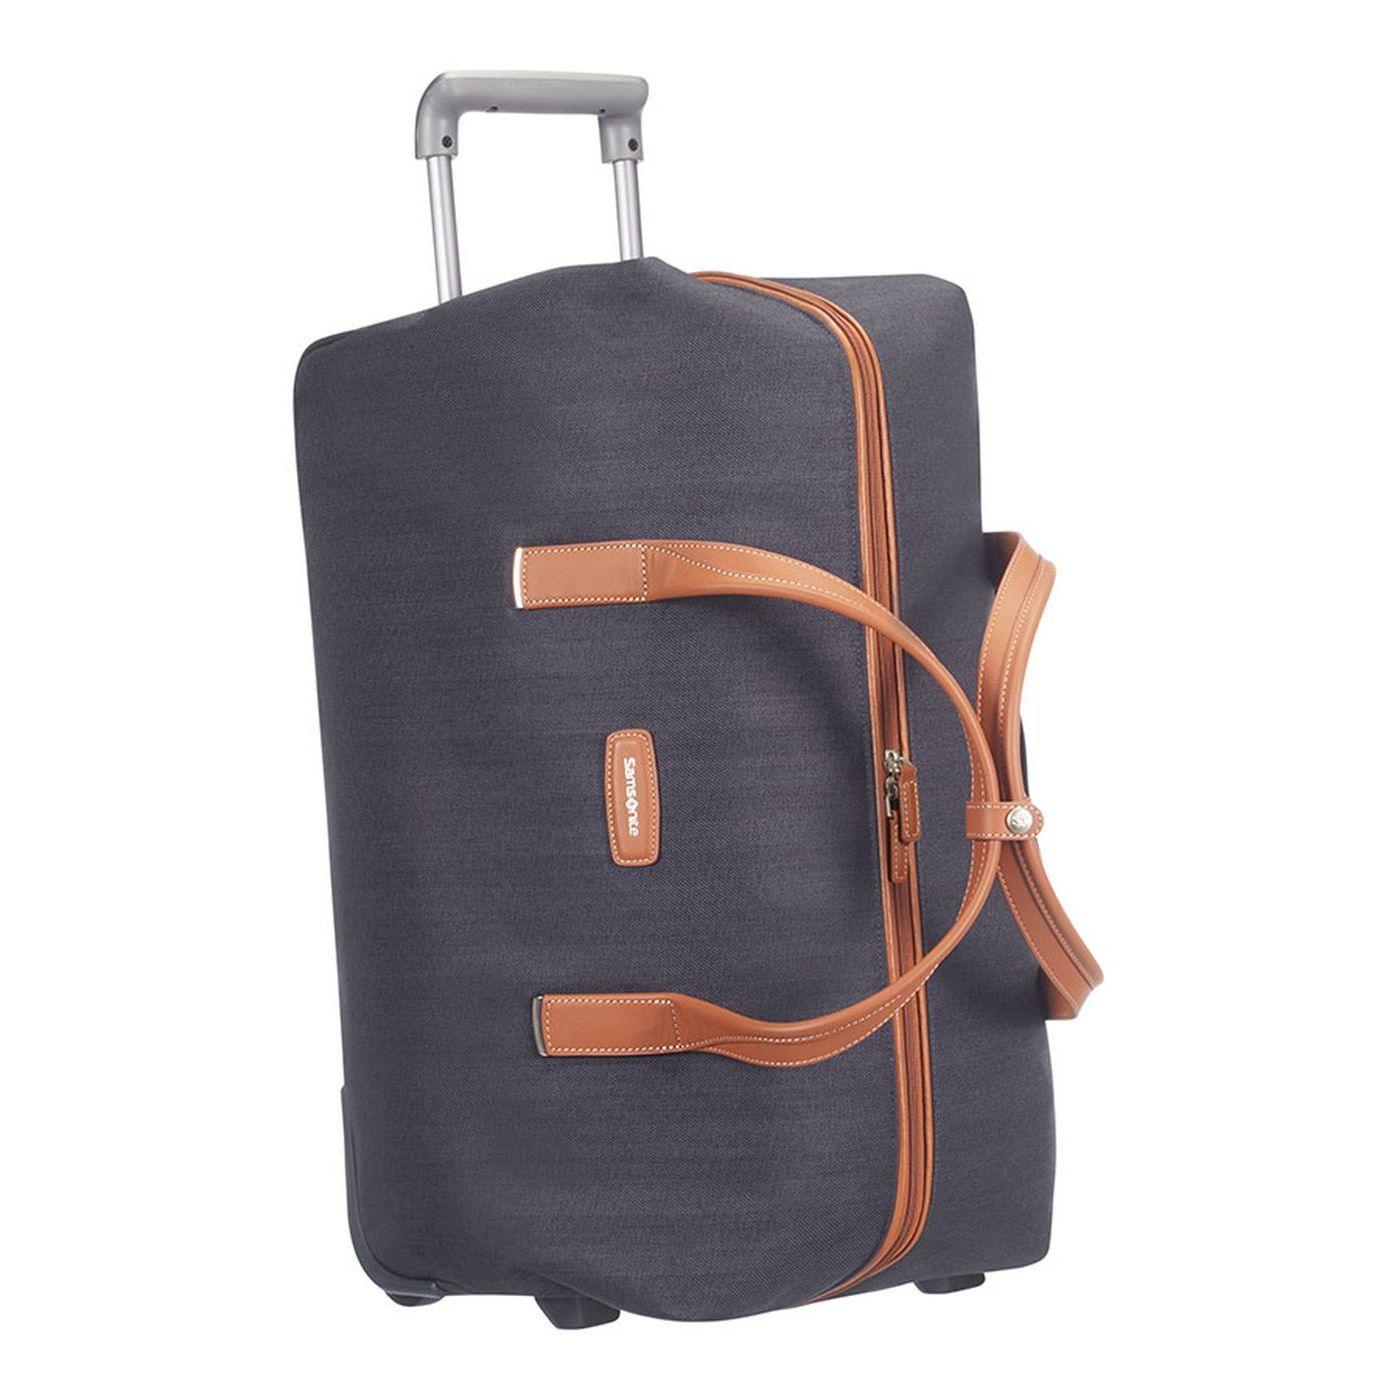 397ee69dbb Cestovná taška Samsonite Lite DLX Duffle WH 55 64D 006 zväčšiť obrázok